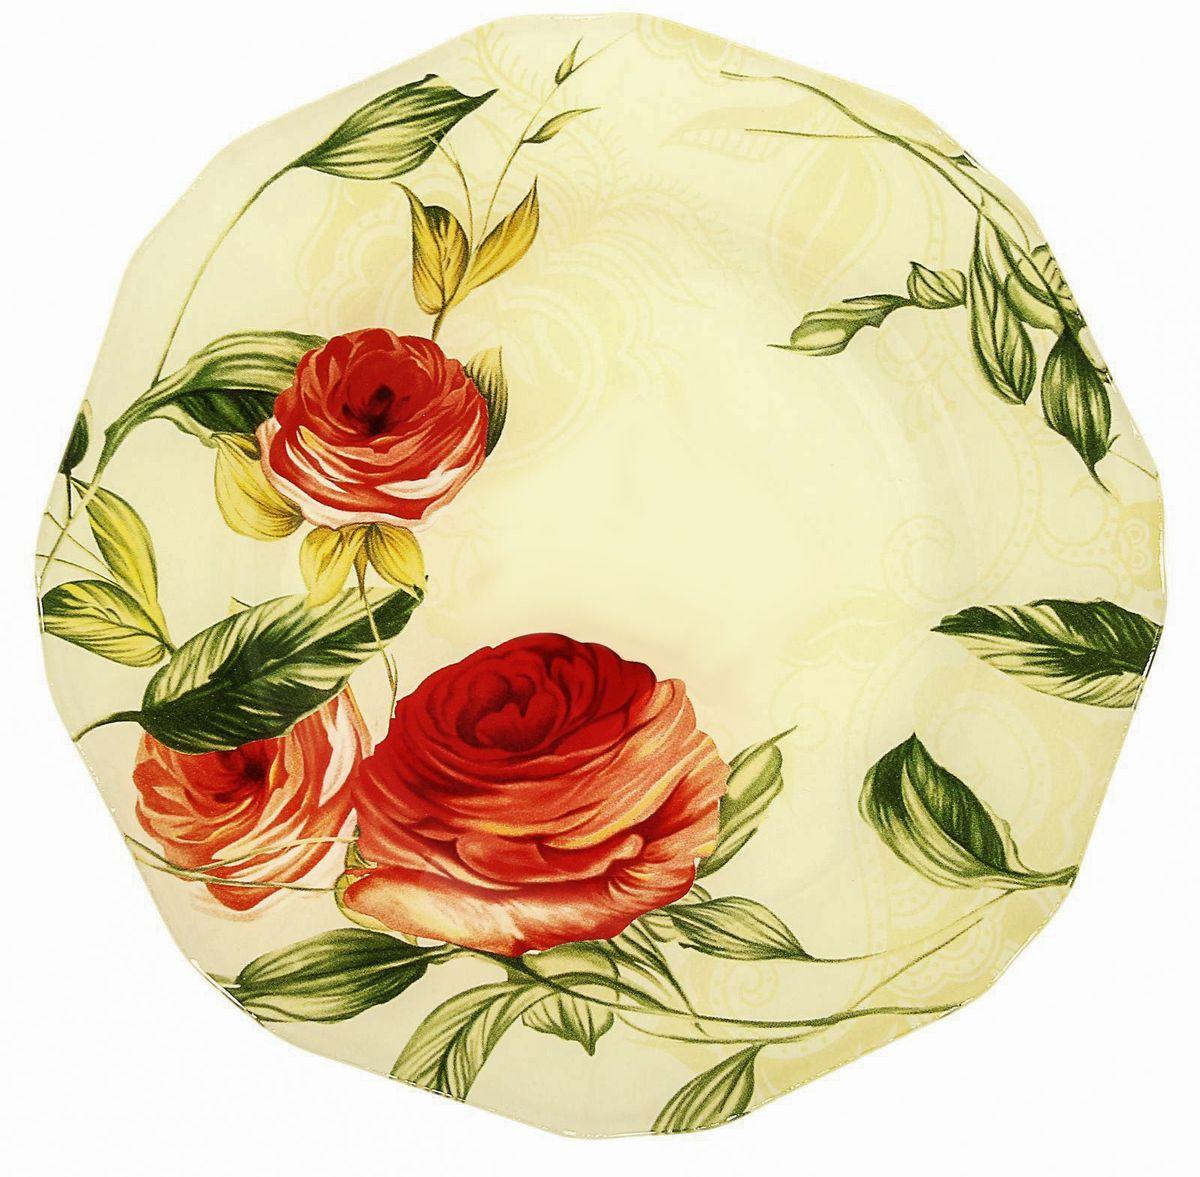 Тарелка десертная Доляна Чайная роза, диаметр 20 см230579Тарелка Доляна с природными мотивами в оформлении разнообразит интерьер кухни и сделает застолье самобытным и запоминающимся. Качественное стекло не впитывает запахов, гладкая поверхность обеспечивает легкость мытья.Рекомендуется избегать использования абразивных моющих средств.Делайте любимый дом уютнее!